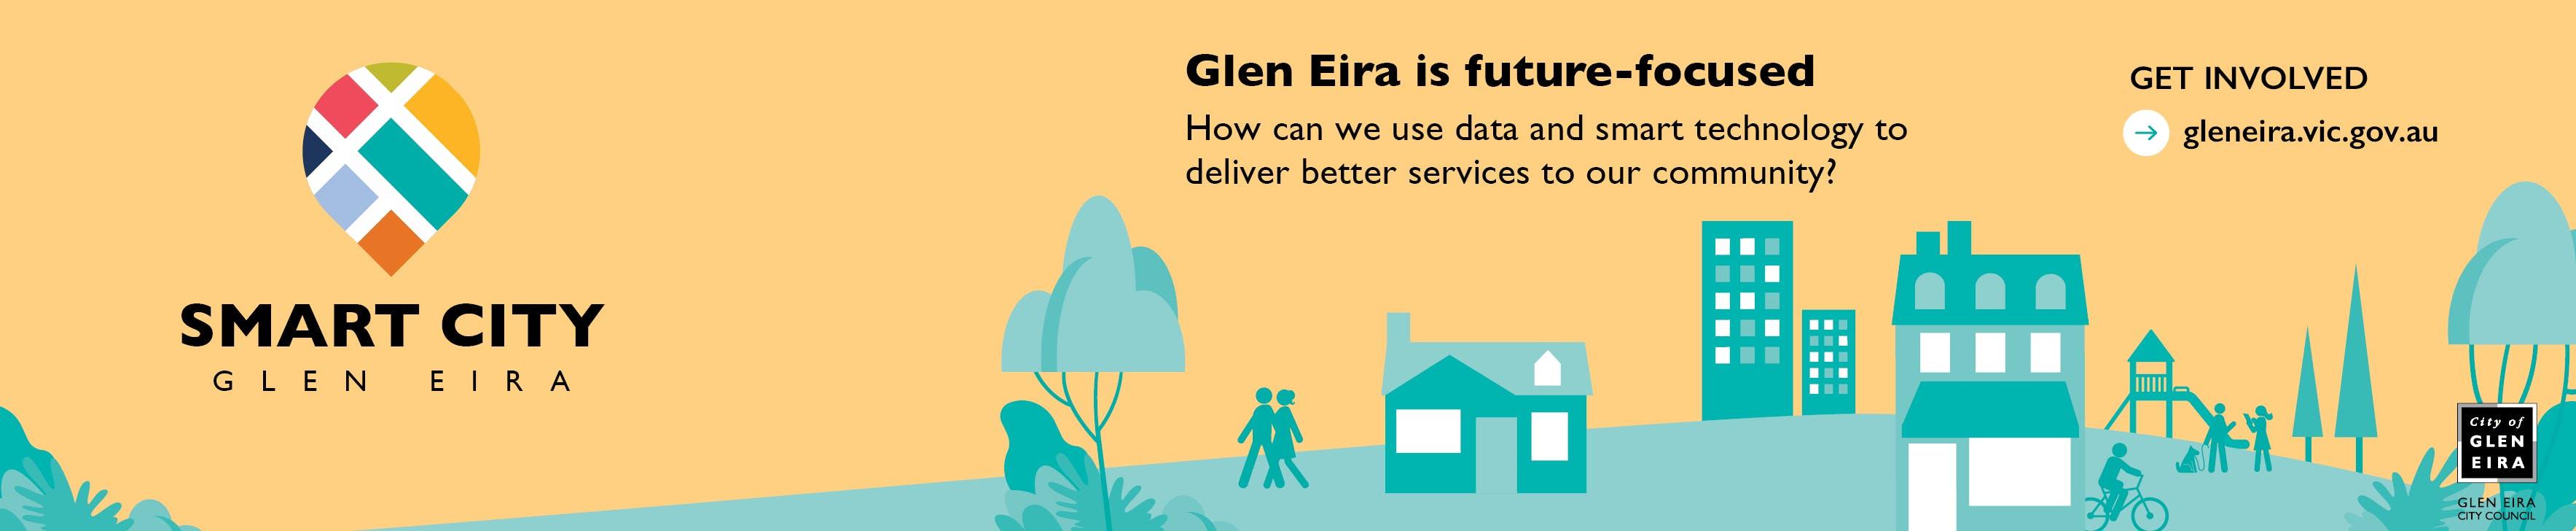 Smart Cities @ Glen Eira Banner